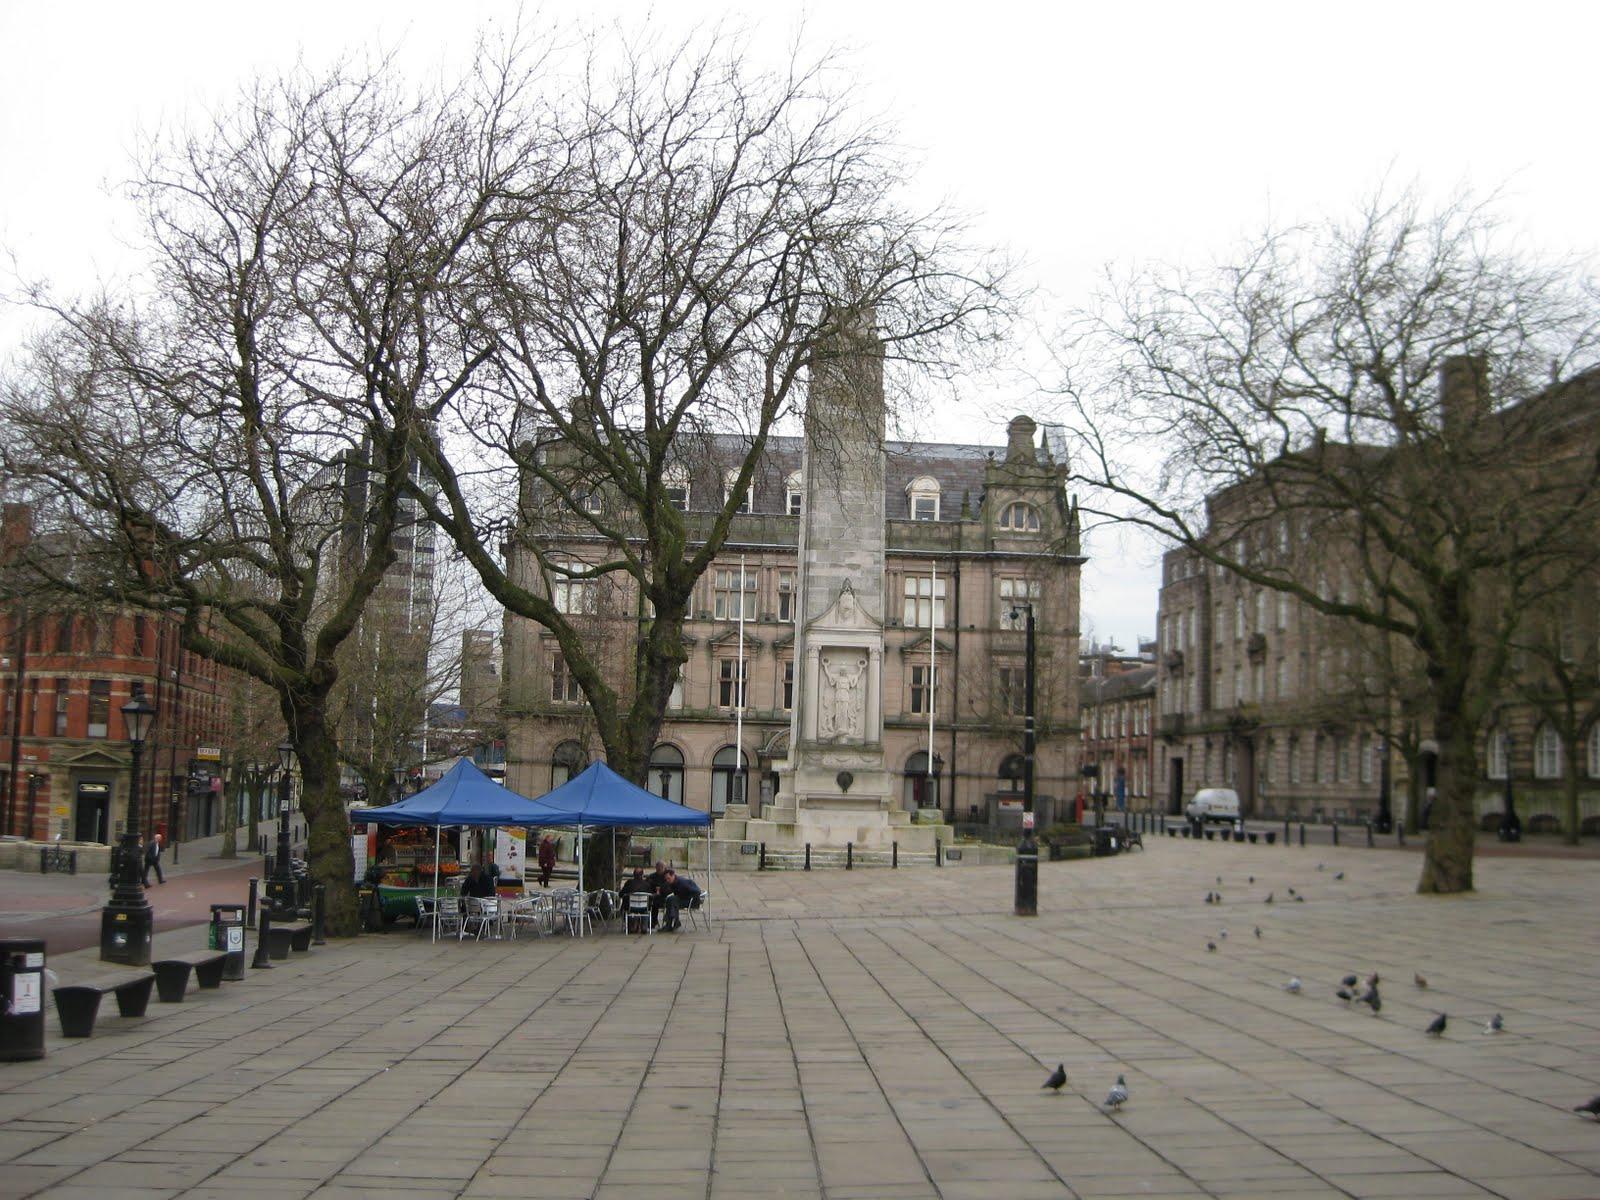 Preston Square